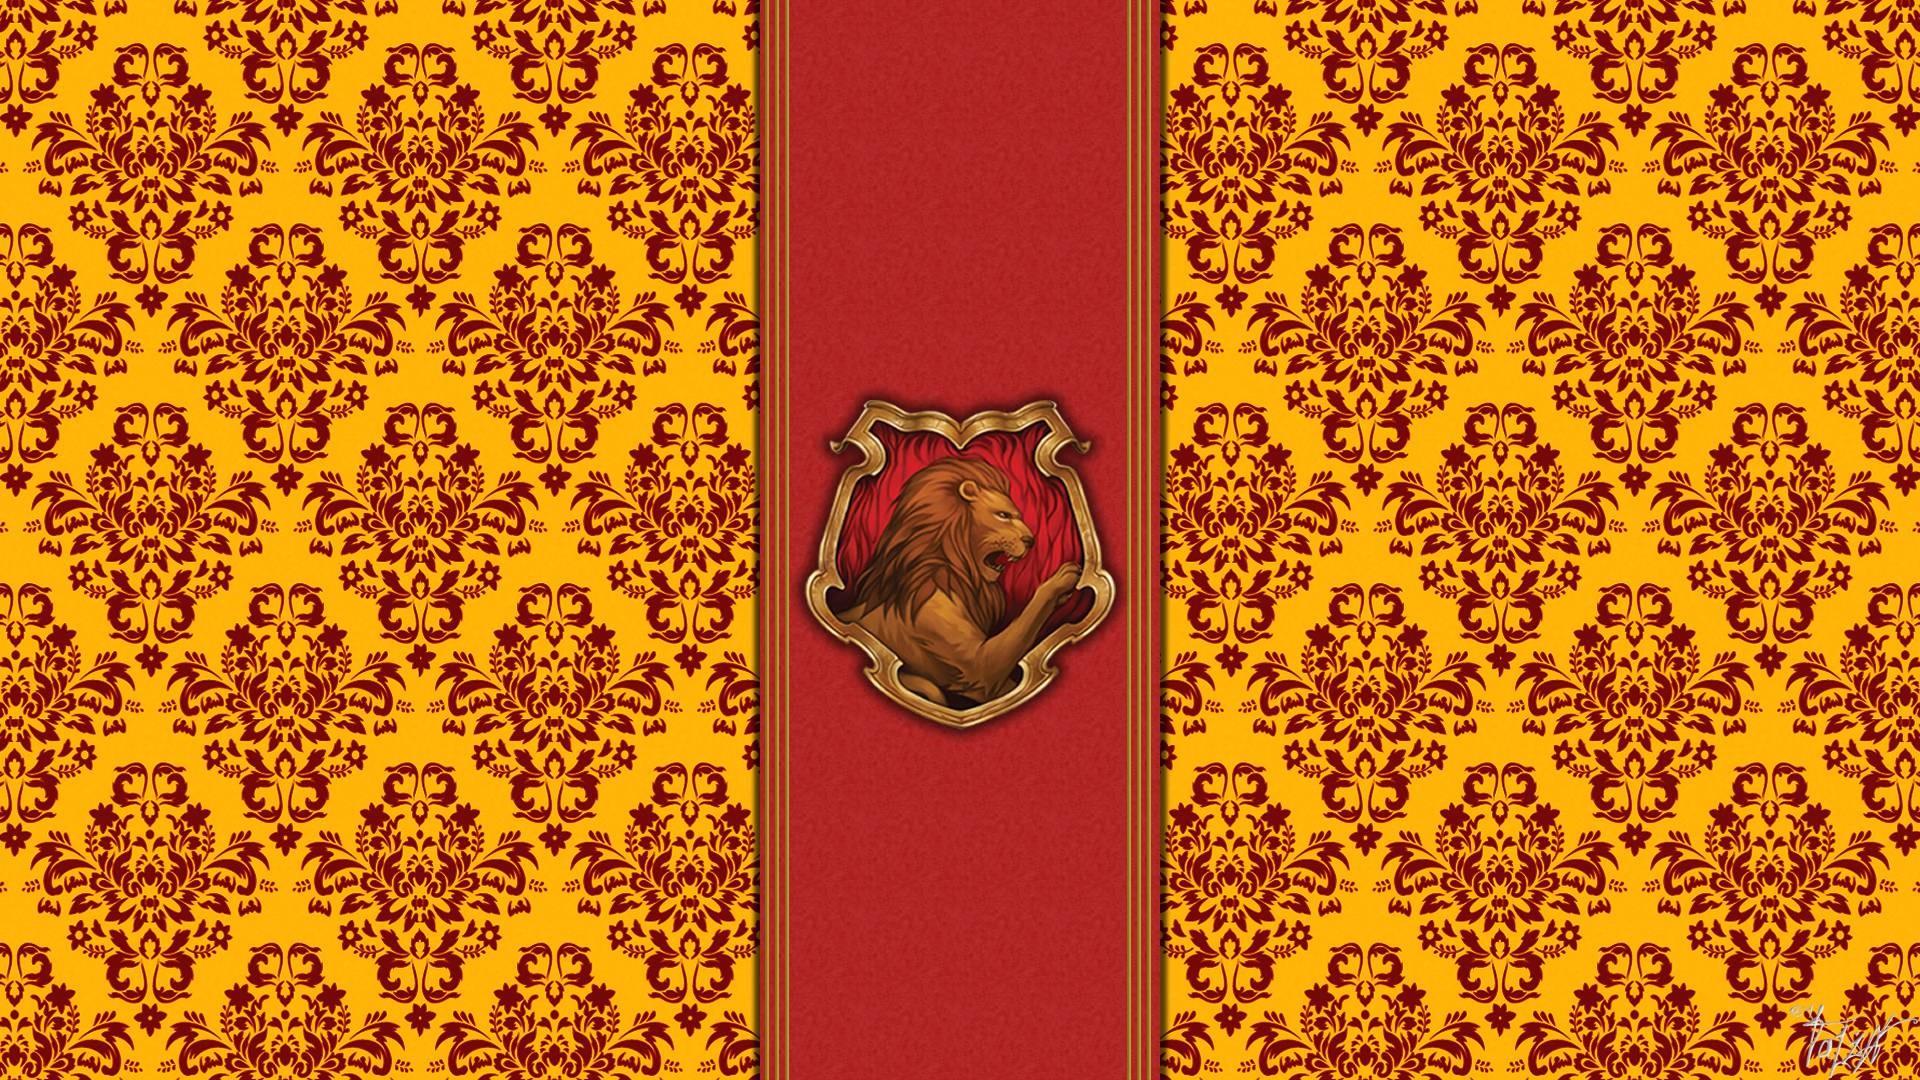 68 Gryffindor Wallpaper Hd